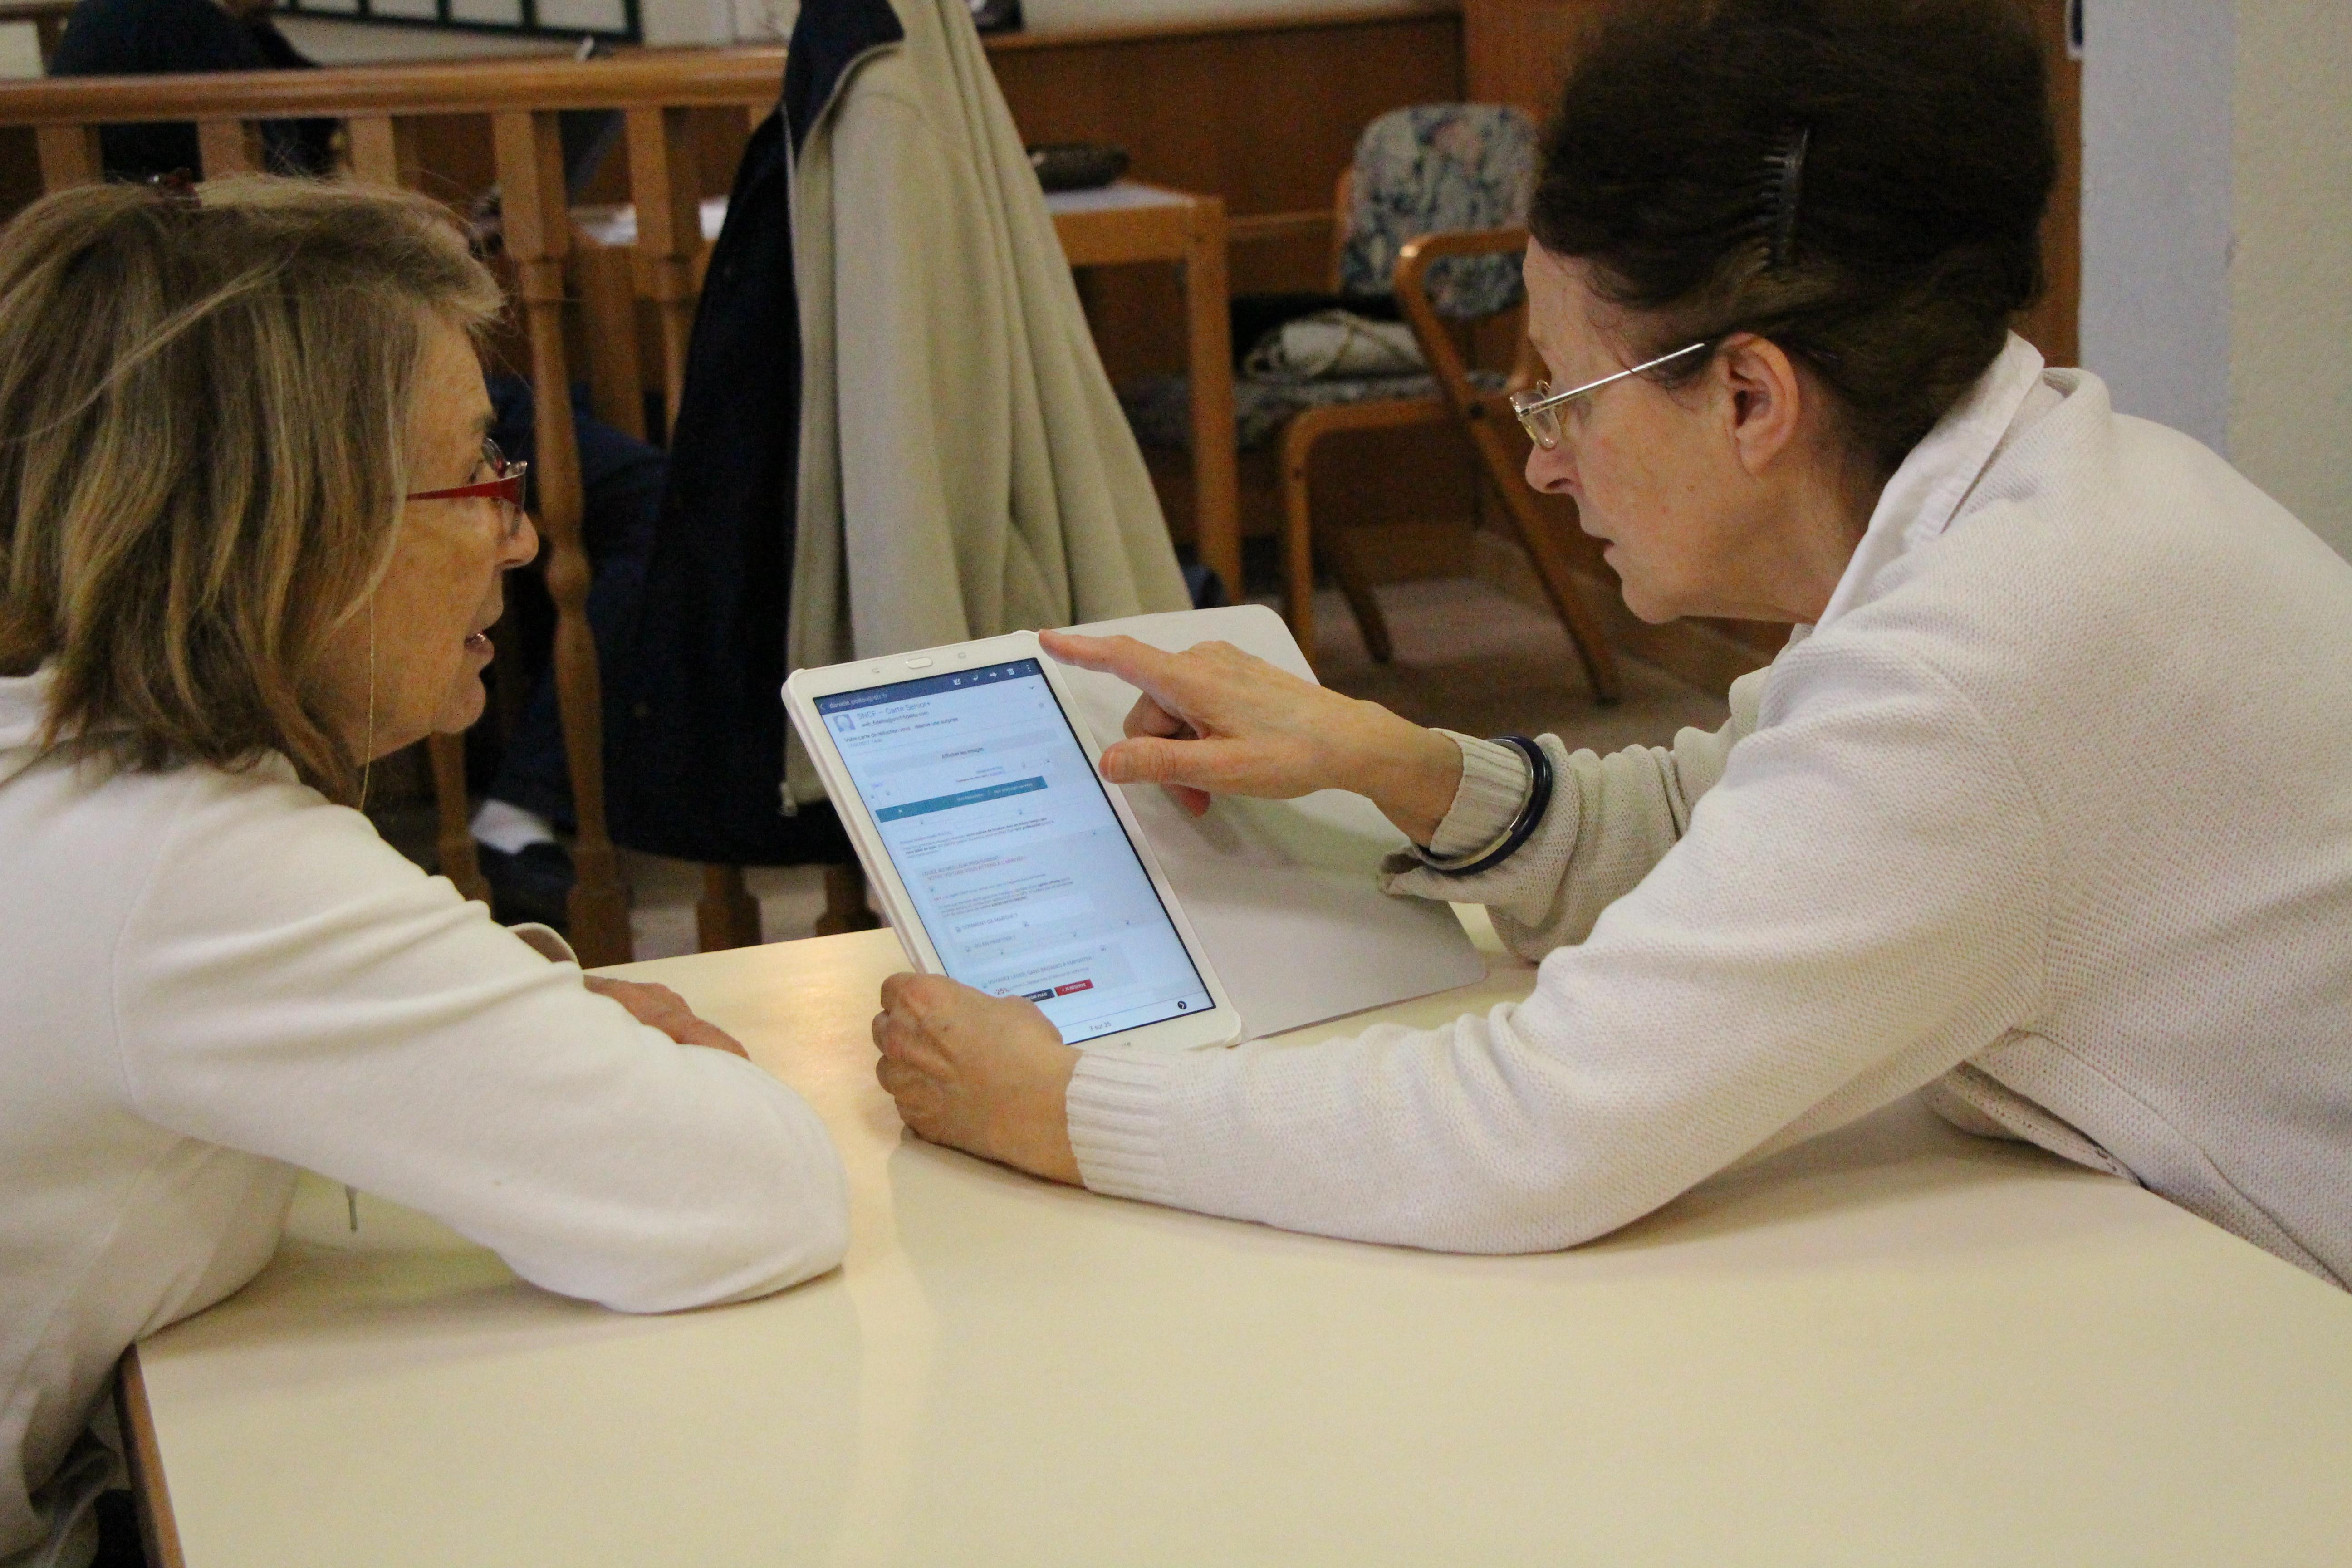 seniors-informatique-atelier-benevole-high-tech-technologie-numerique